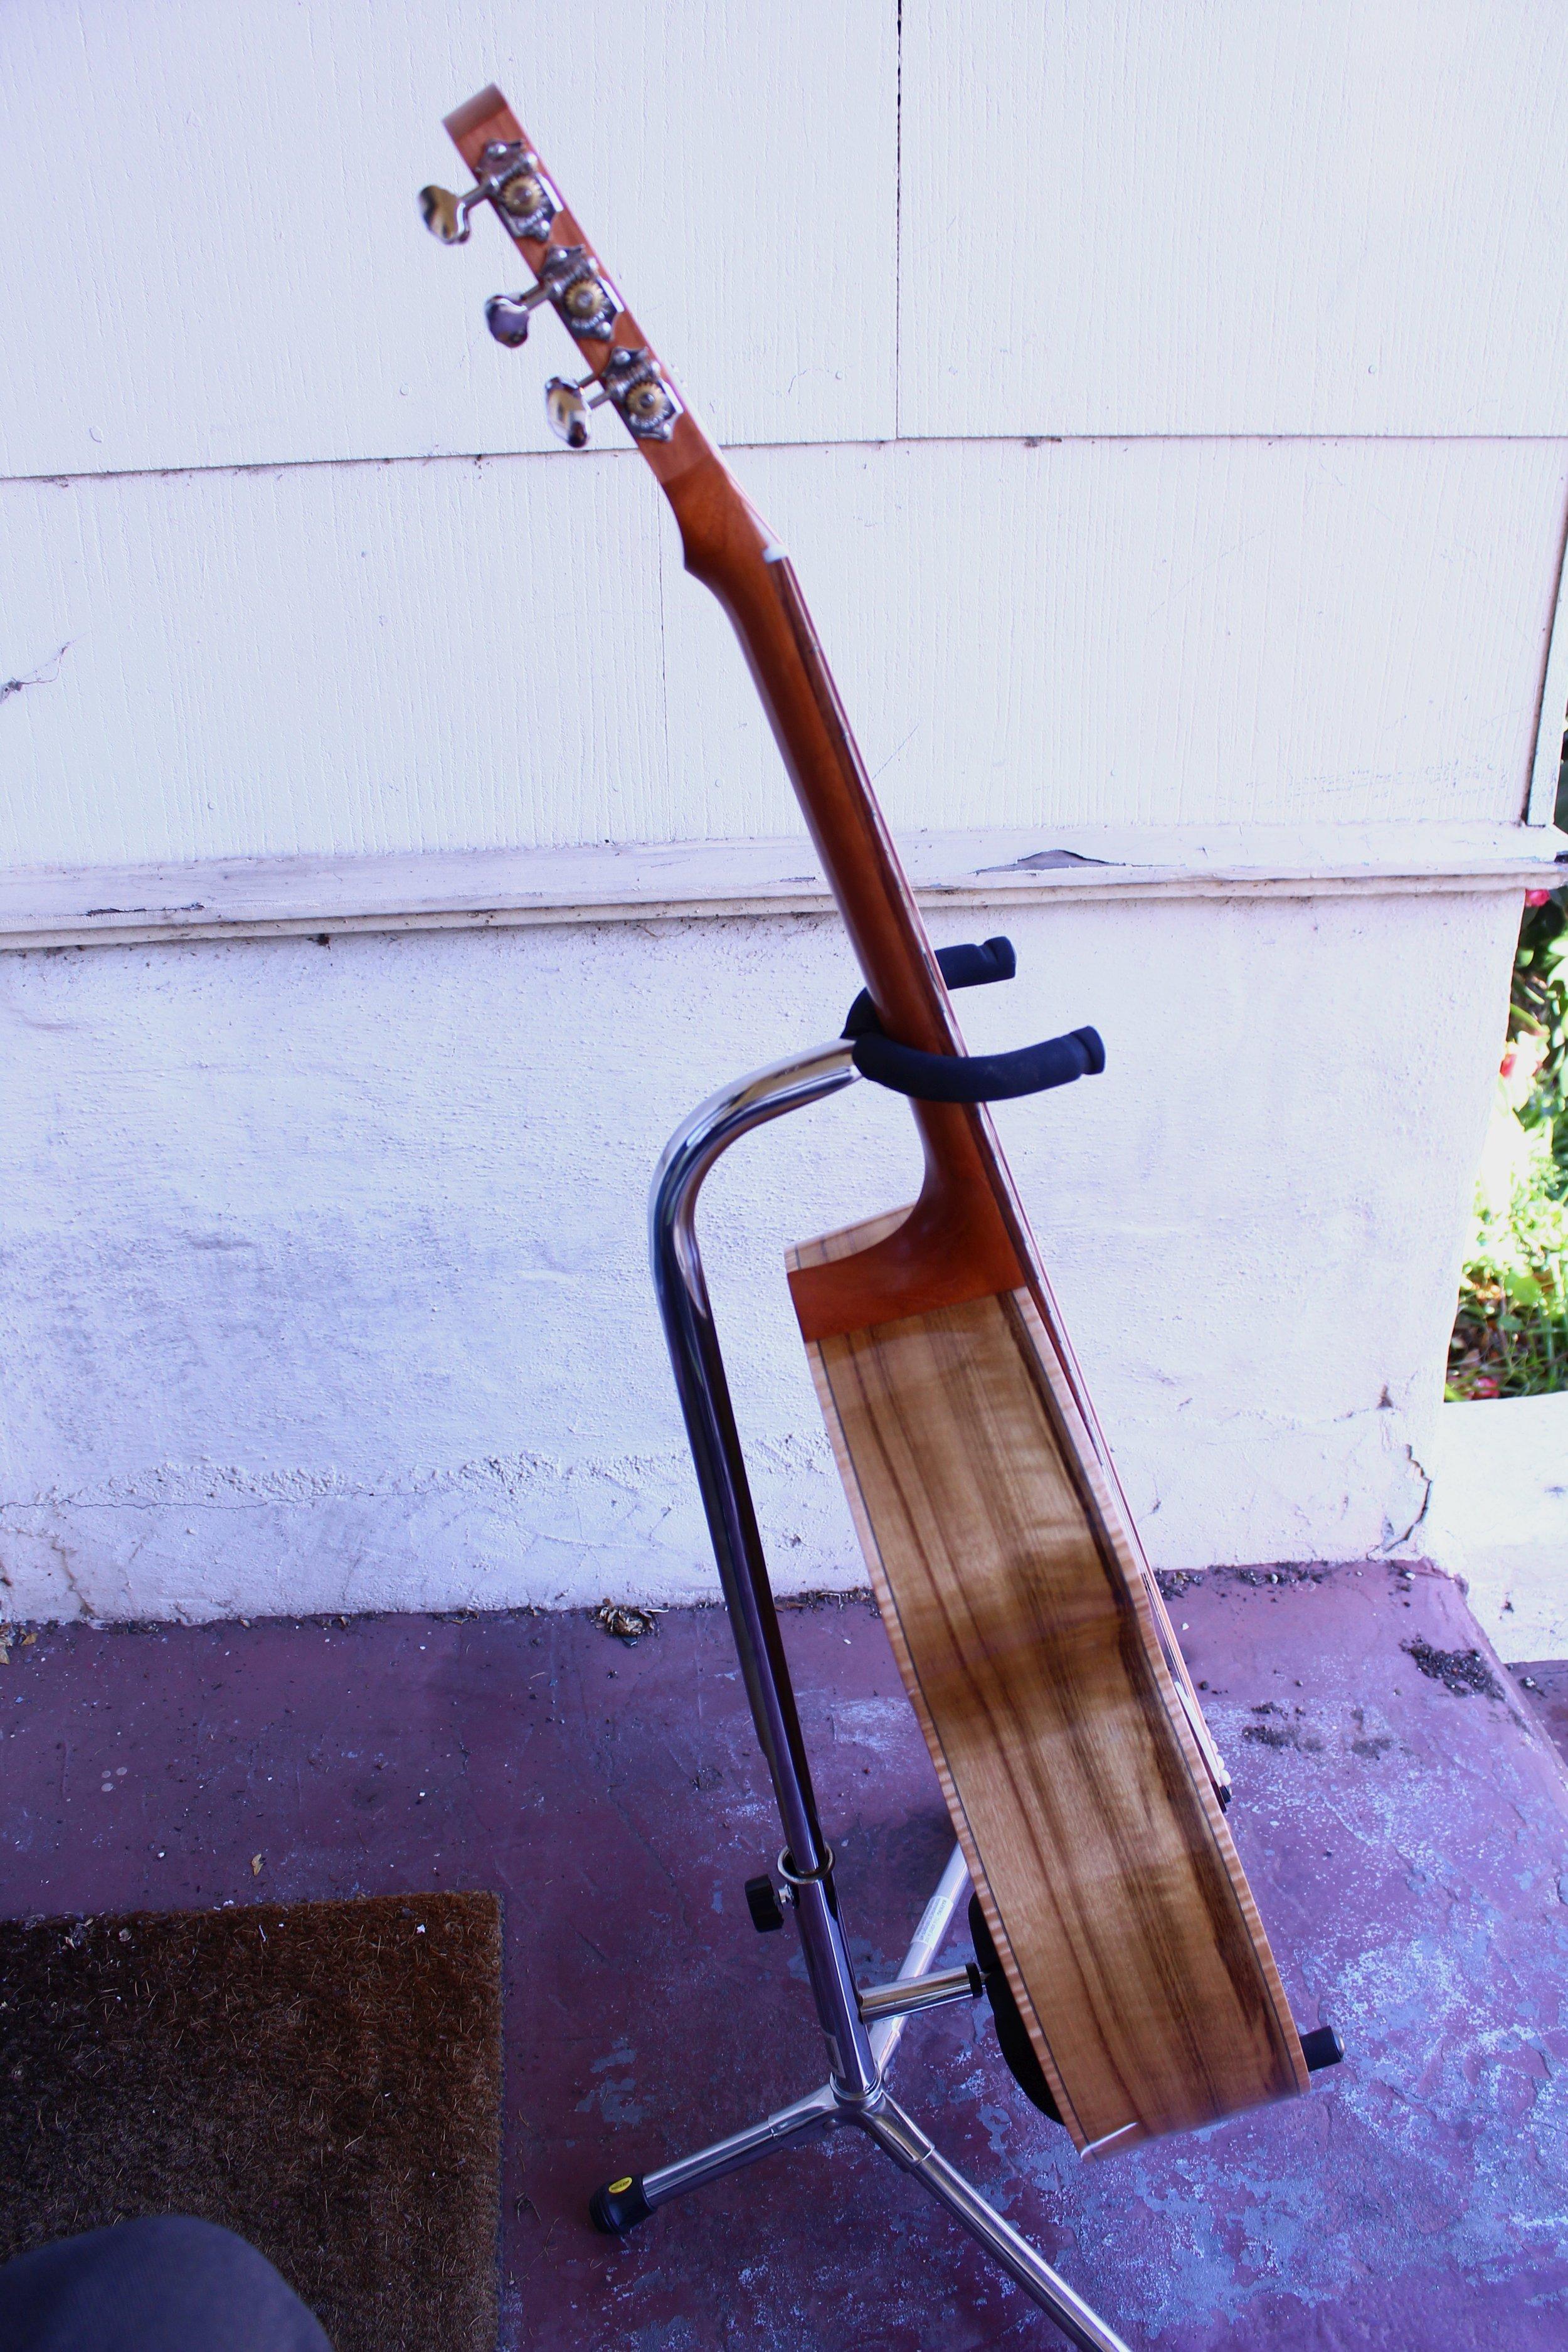 12 fret Acoustic guitar